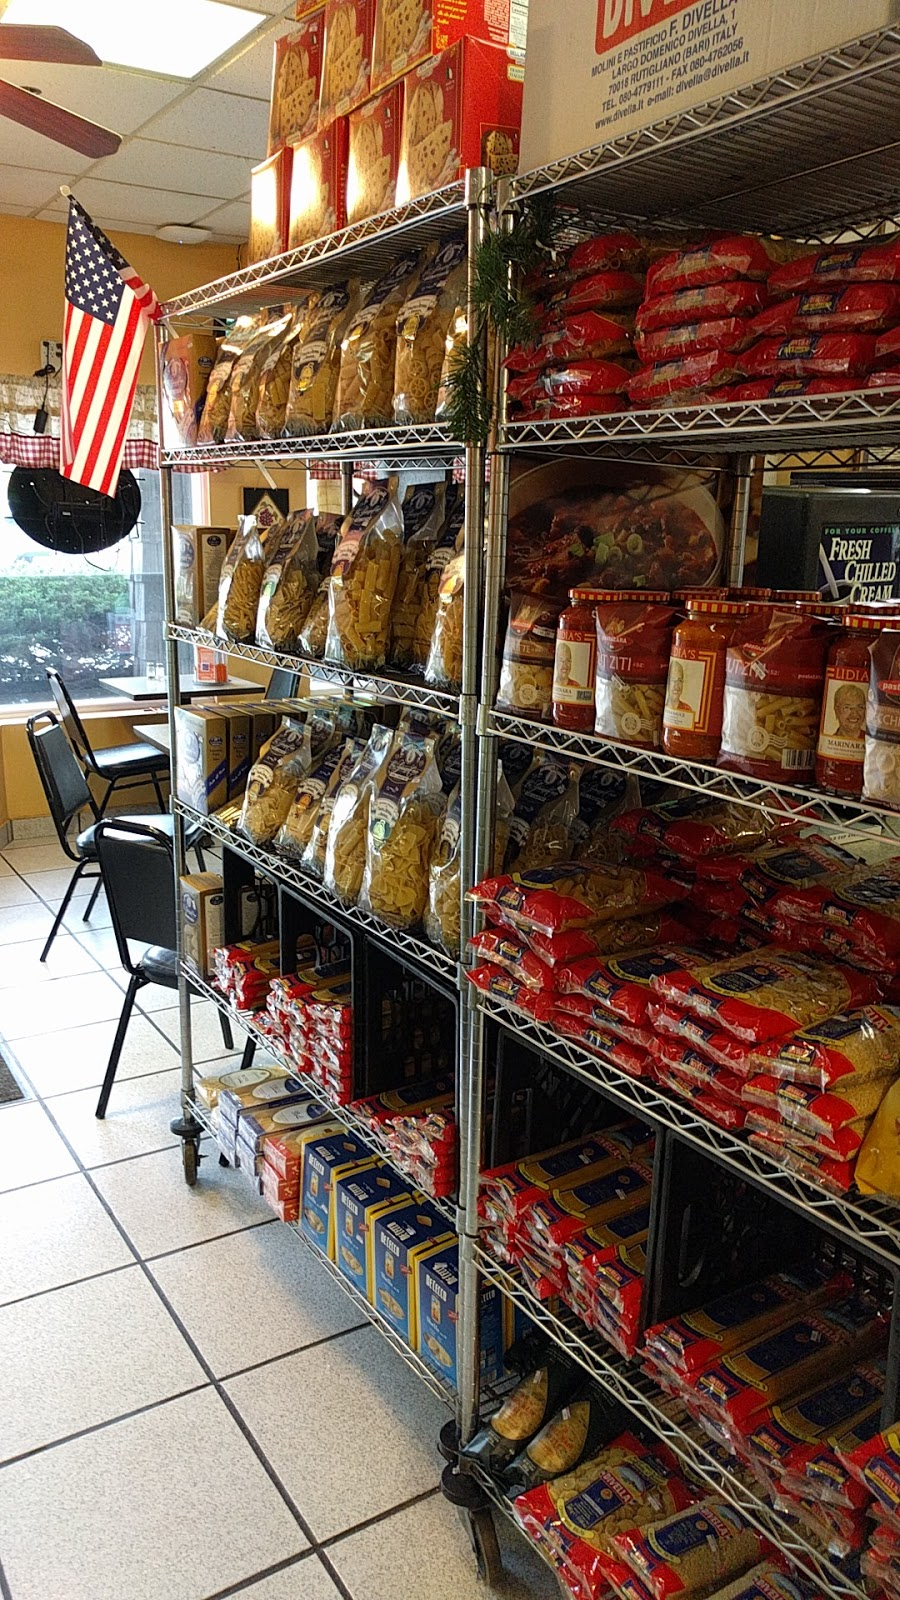 Villa Doro Italian Deli and Bakery - bakery  | Photo 2 of 5 | Address: 24 Old Albany Post Rd, Croton-On-Hudson, NY 10520, USA | Phone: (914) 862-0684